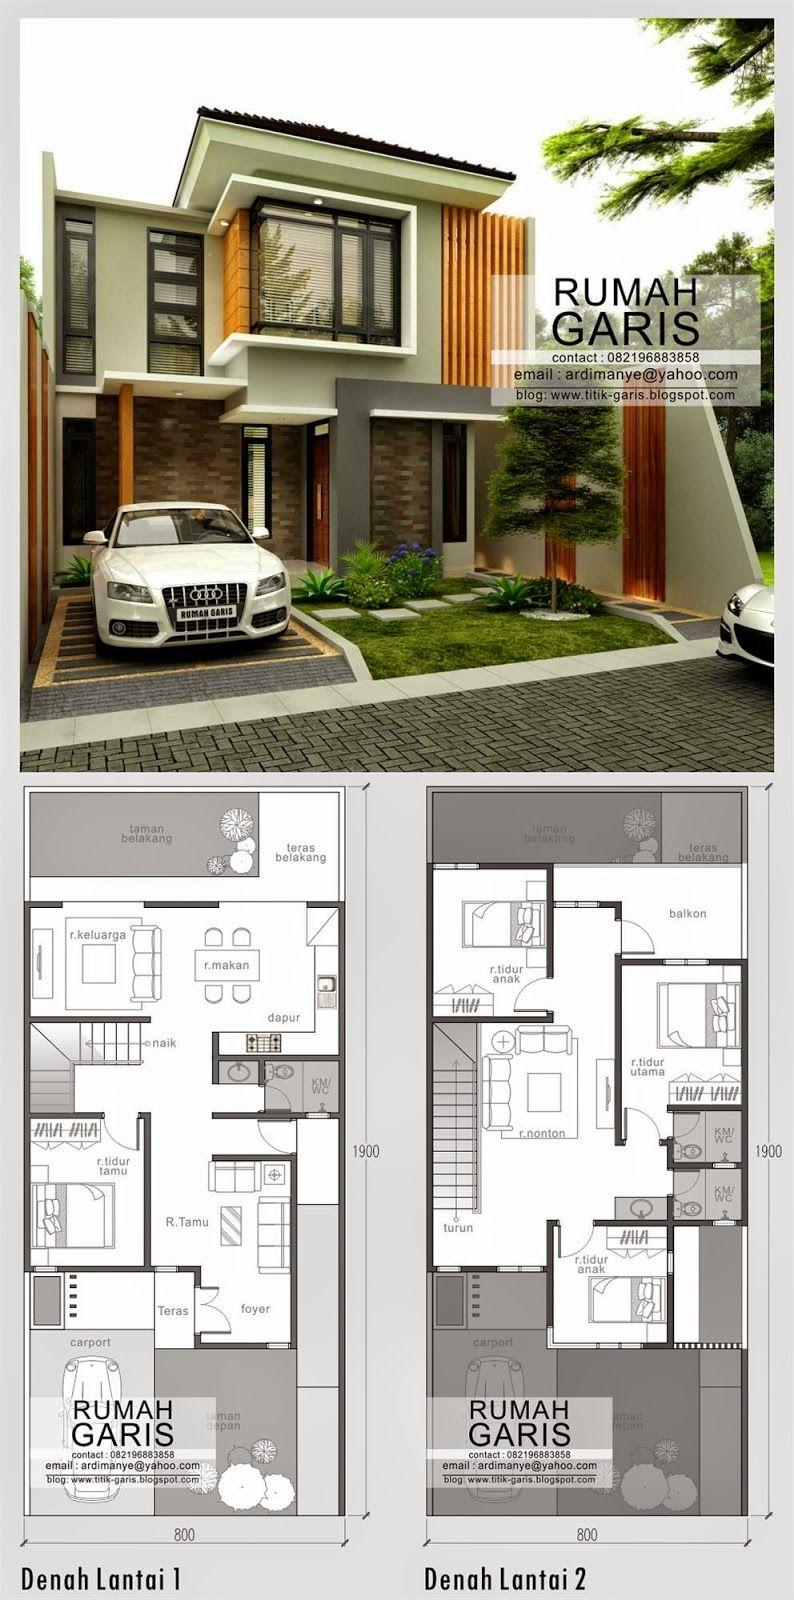 Hausdesign mit zwei schlafzimmern manzel  architektur in   pinterest  haus schmales haus und